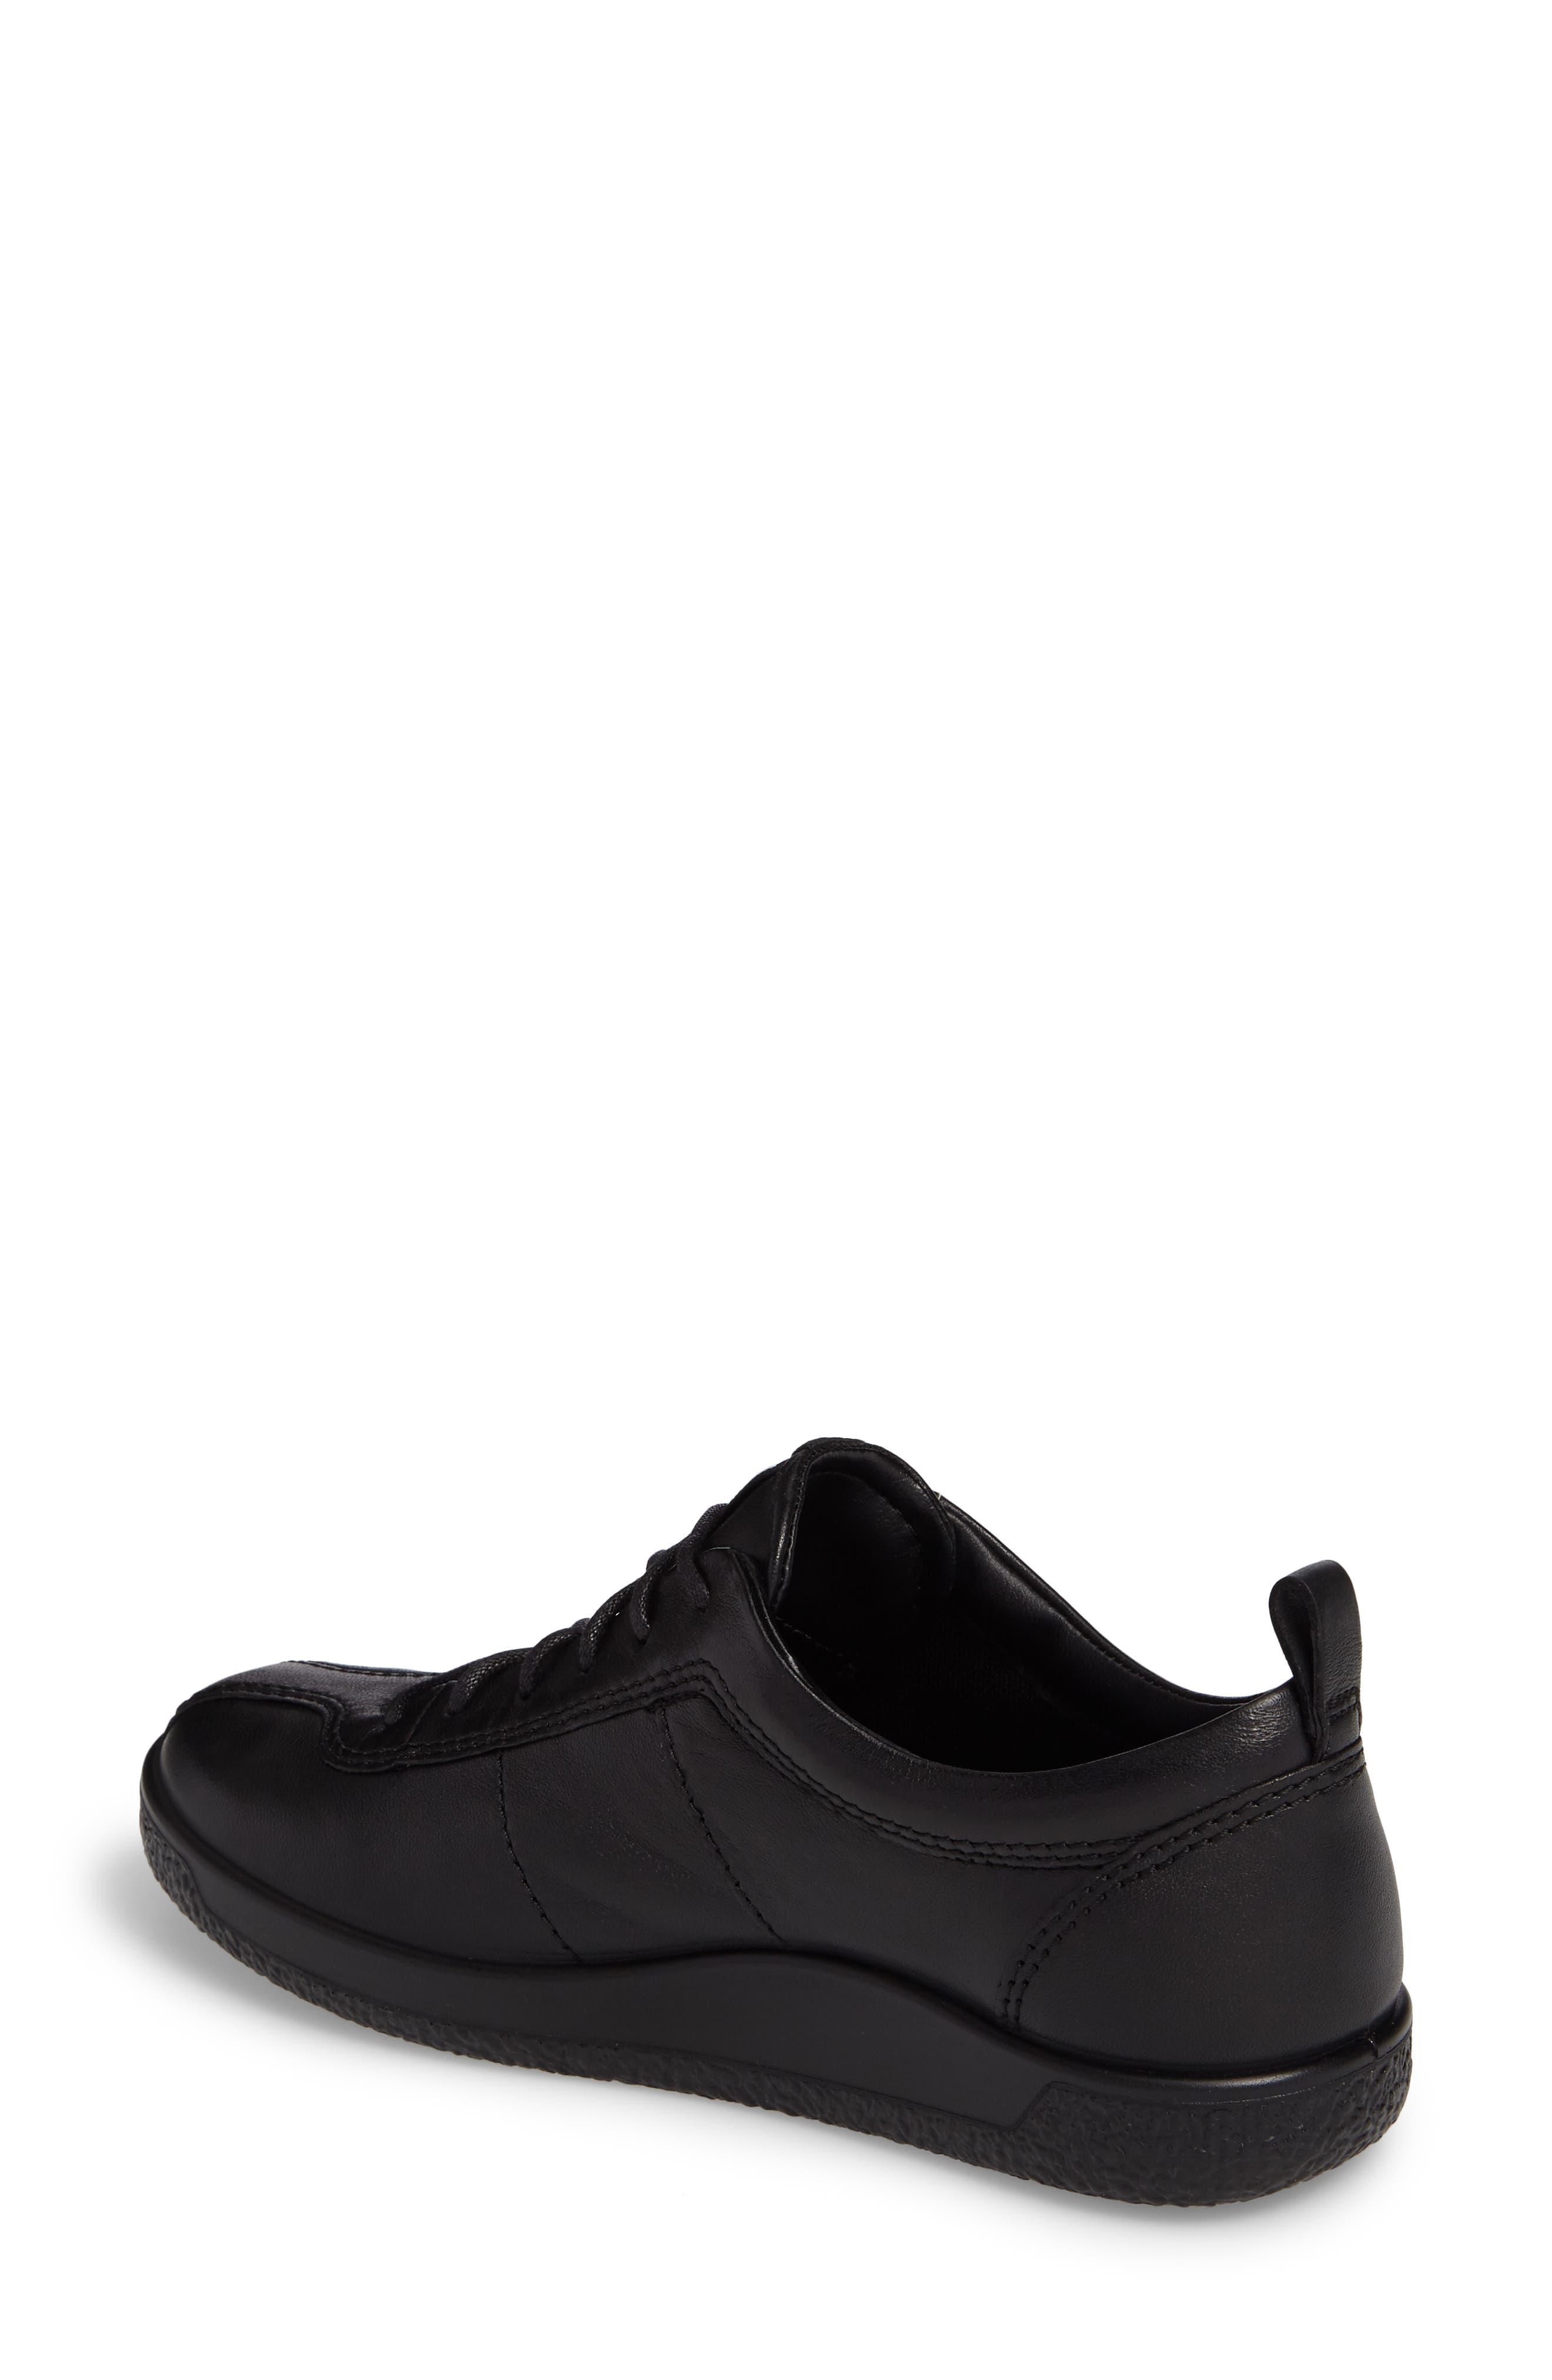 Soft 1 Sneaker,                             Alternate thumbnail 2, color,                             001